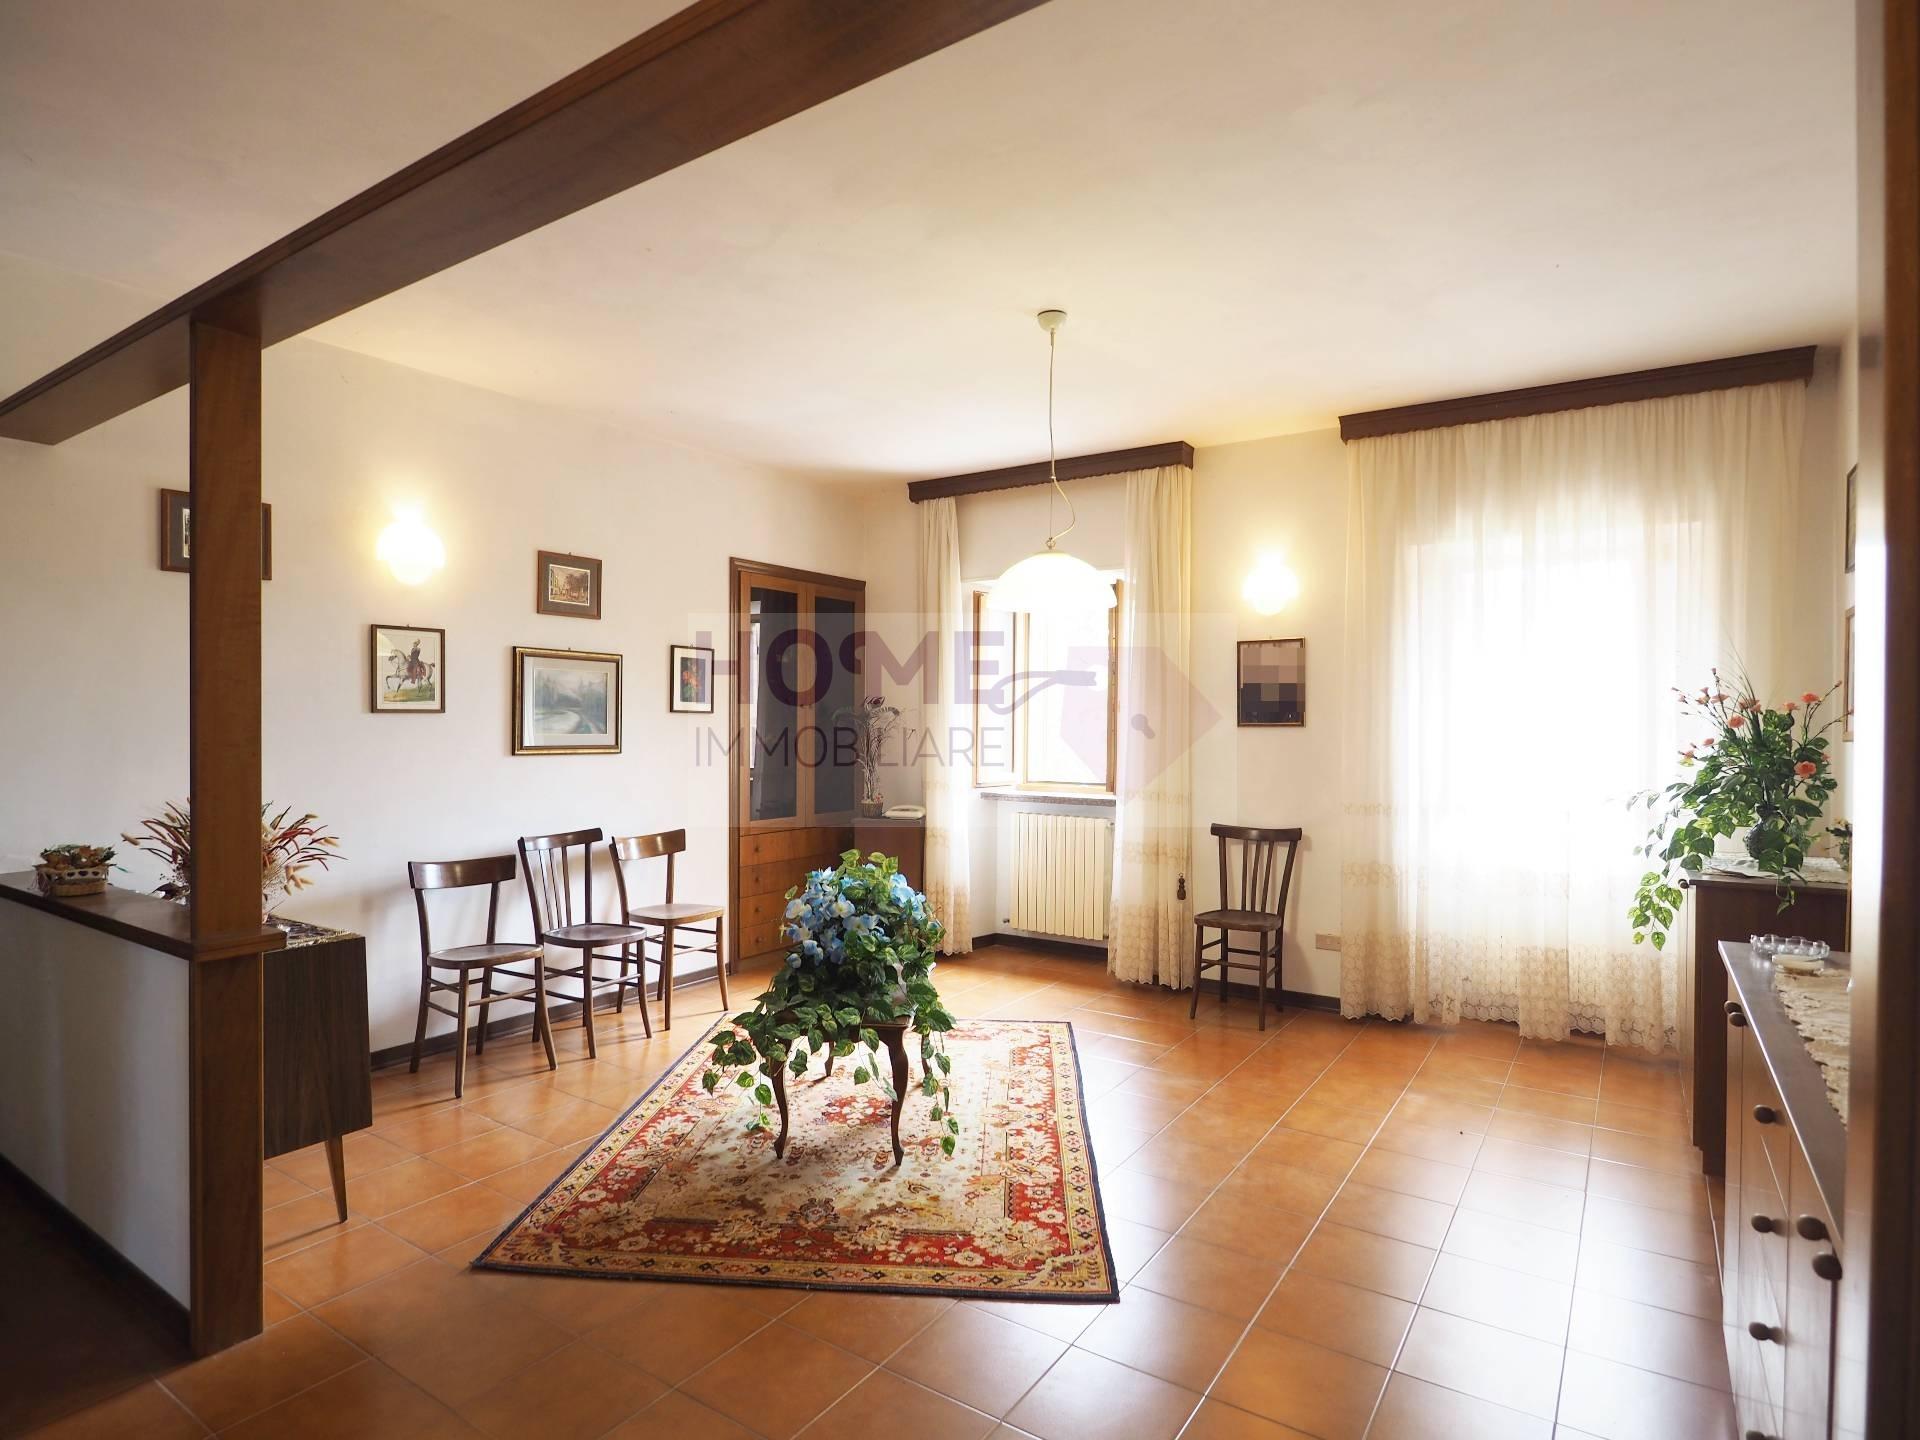 Appartamento in vendita a Treia, 7 locali, zona Località: periferia, prezzo € 120.000 | CambioCasa.it